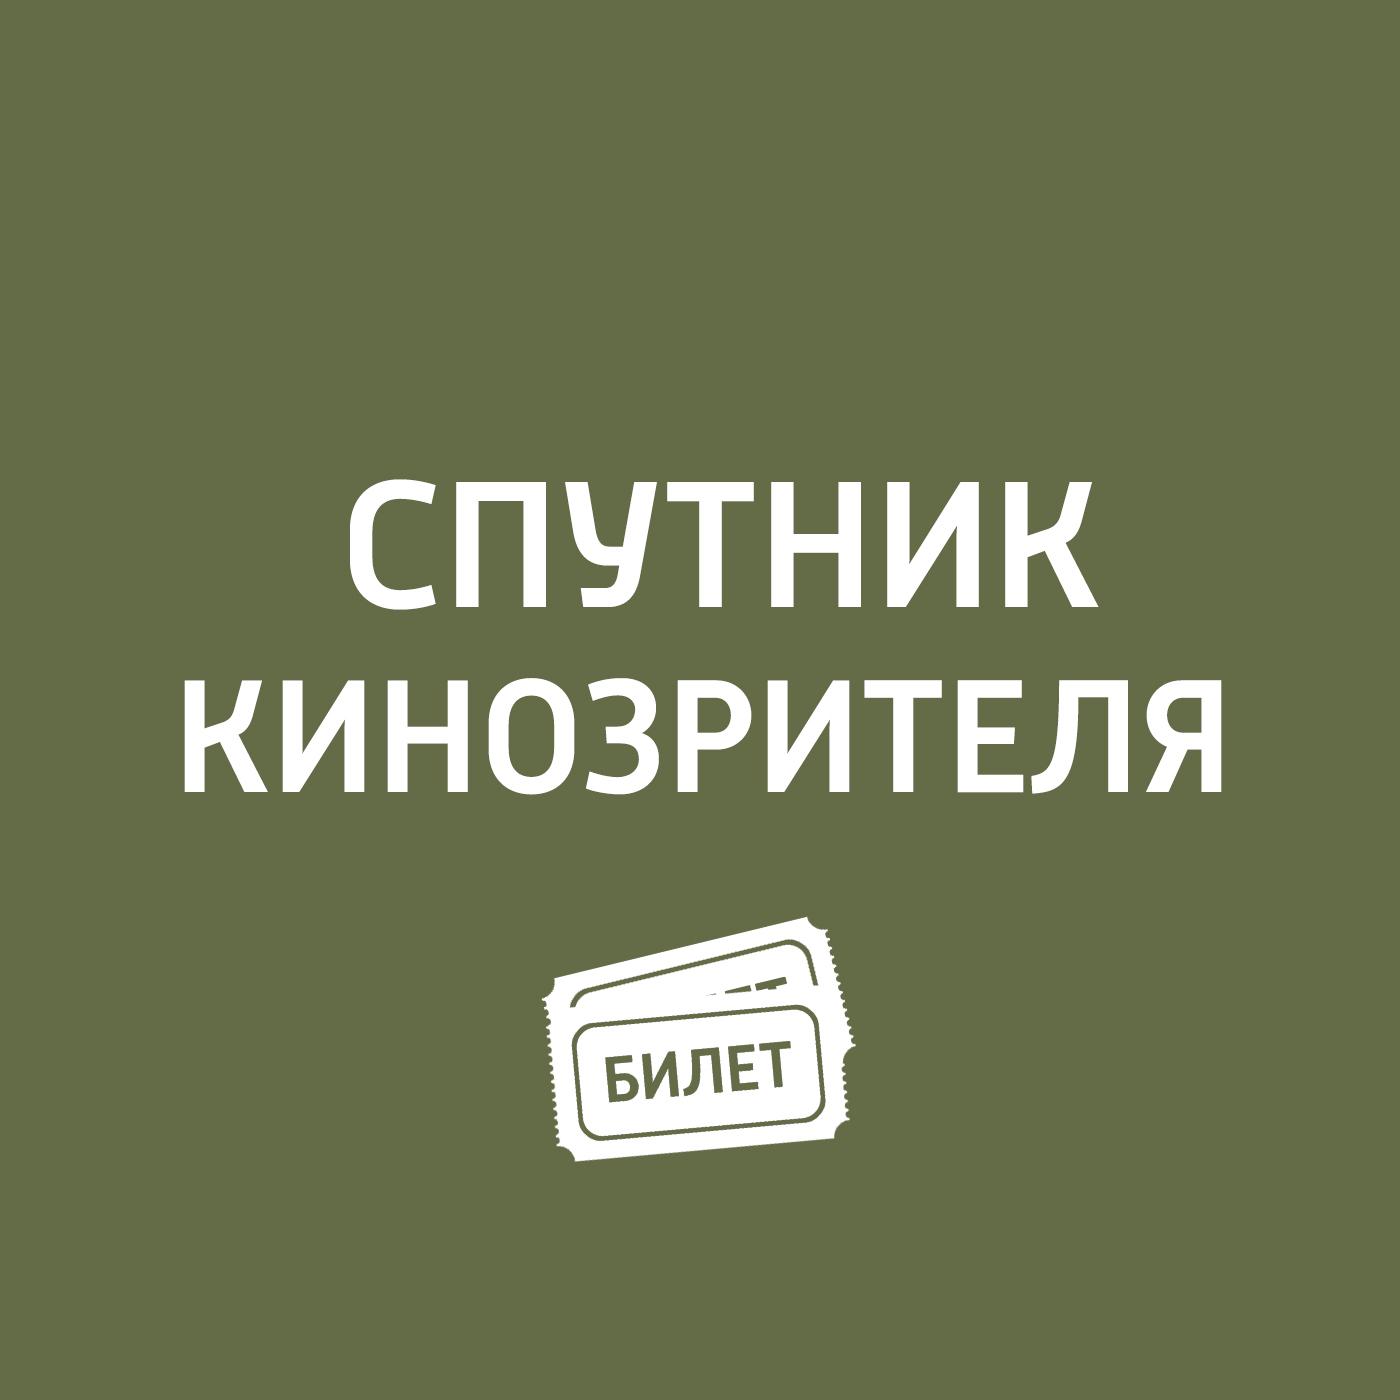 цена на Антон Долин Премьеры. «Ночные стражи